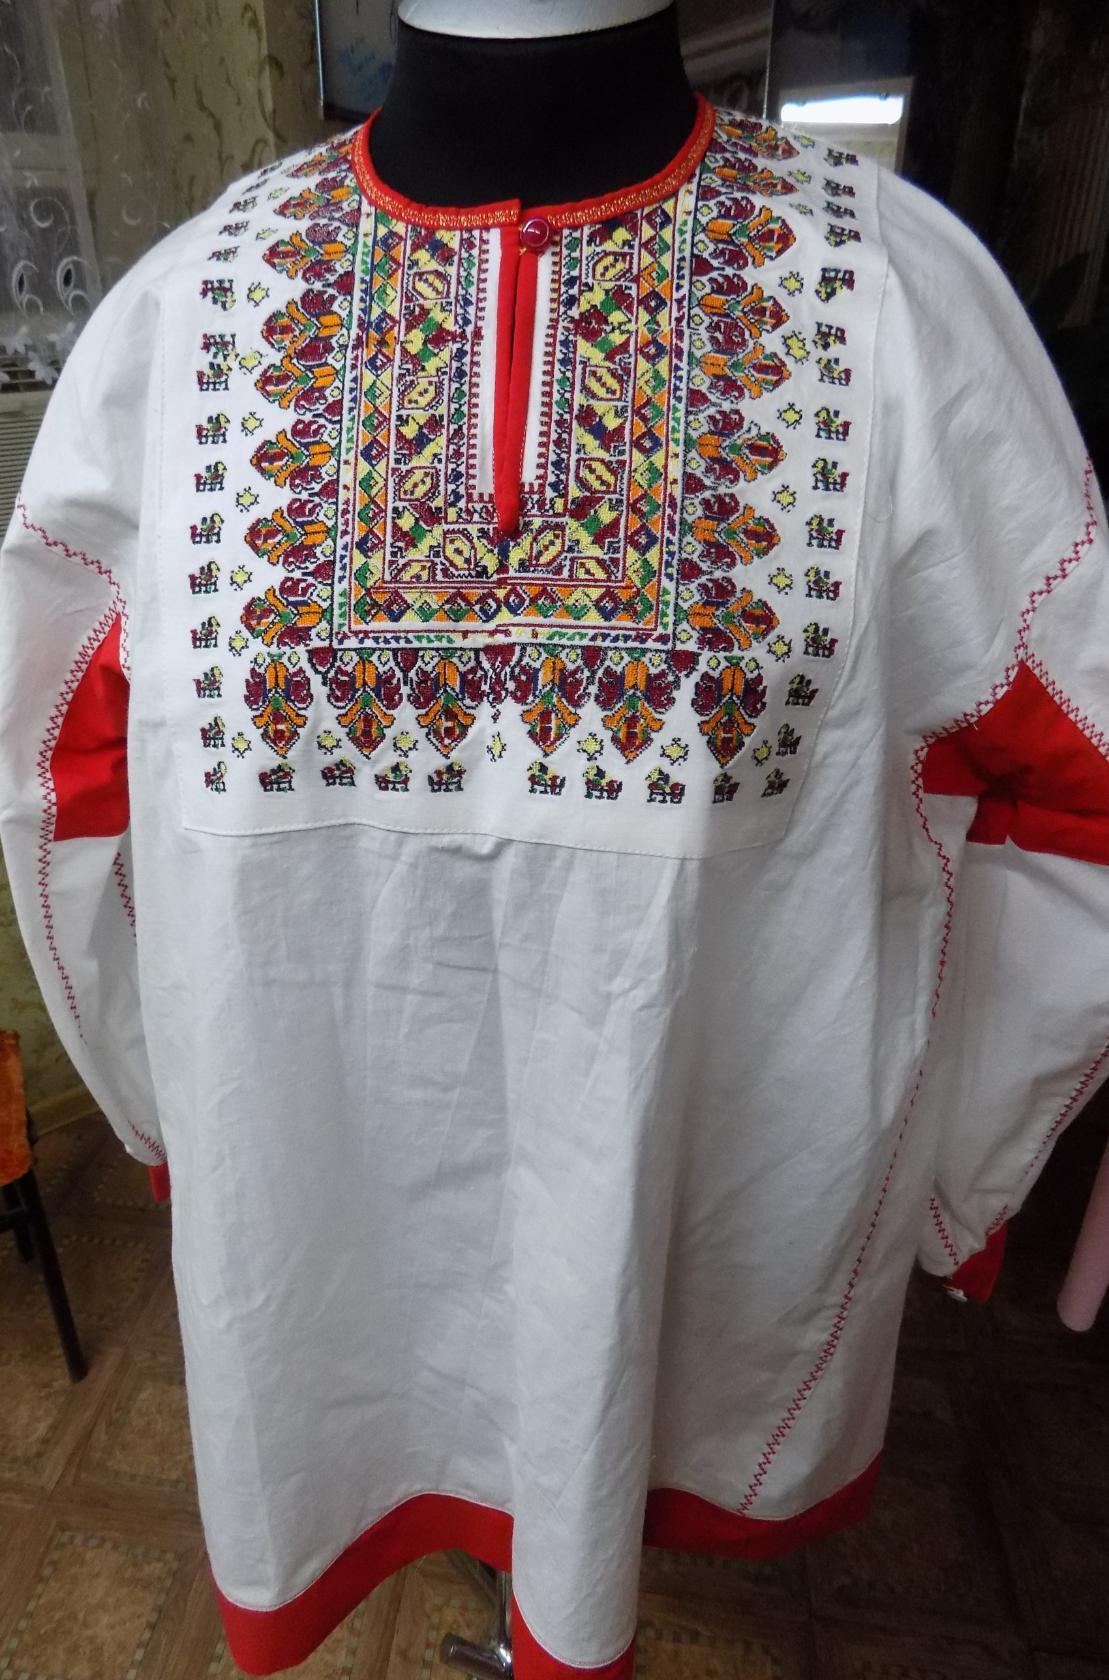 рубаха Казаков-Некрасовцев! Всё выполнено с сохранением традиций, но с применением новых технологий . Рубахи яркие и качественные ! Размеры и цвета вышивки различные!